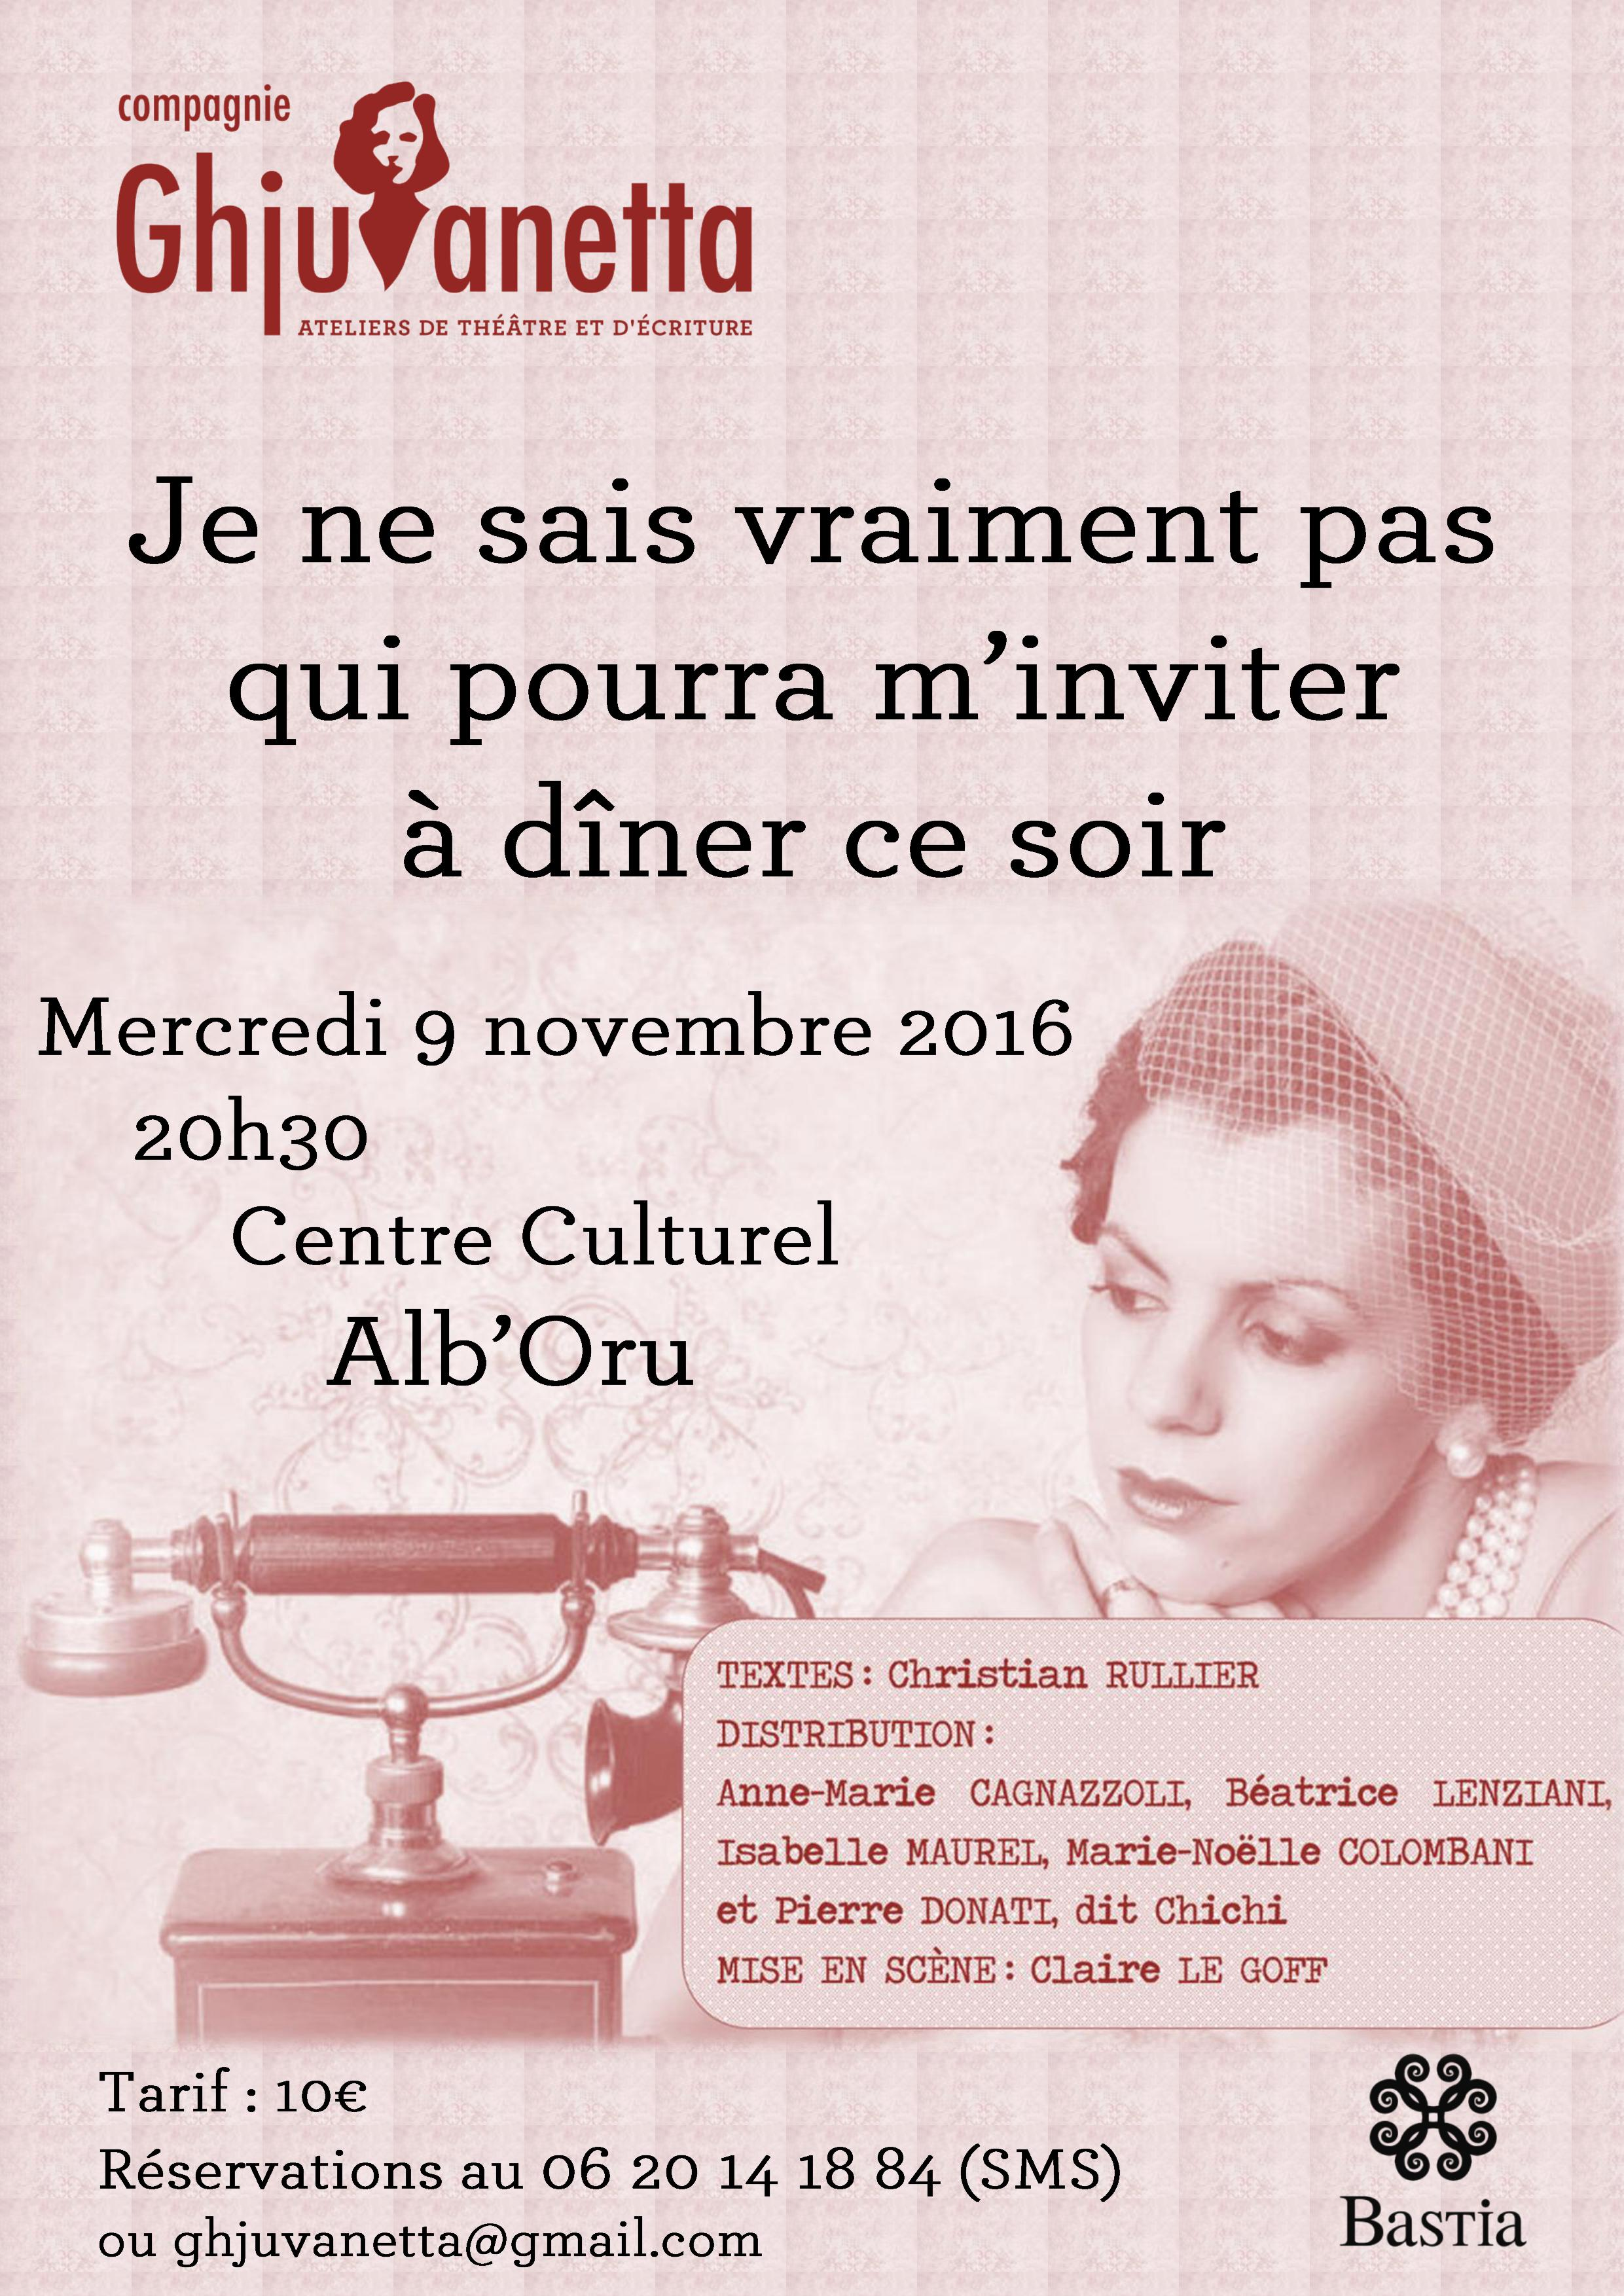 « Je ne sais vraiment pas qui pourra m'inviter à dîner ce soir » : La Compagnie Ghjuvanetta vous invite elle à l'Alb'Oru